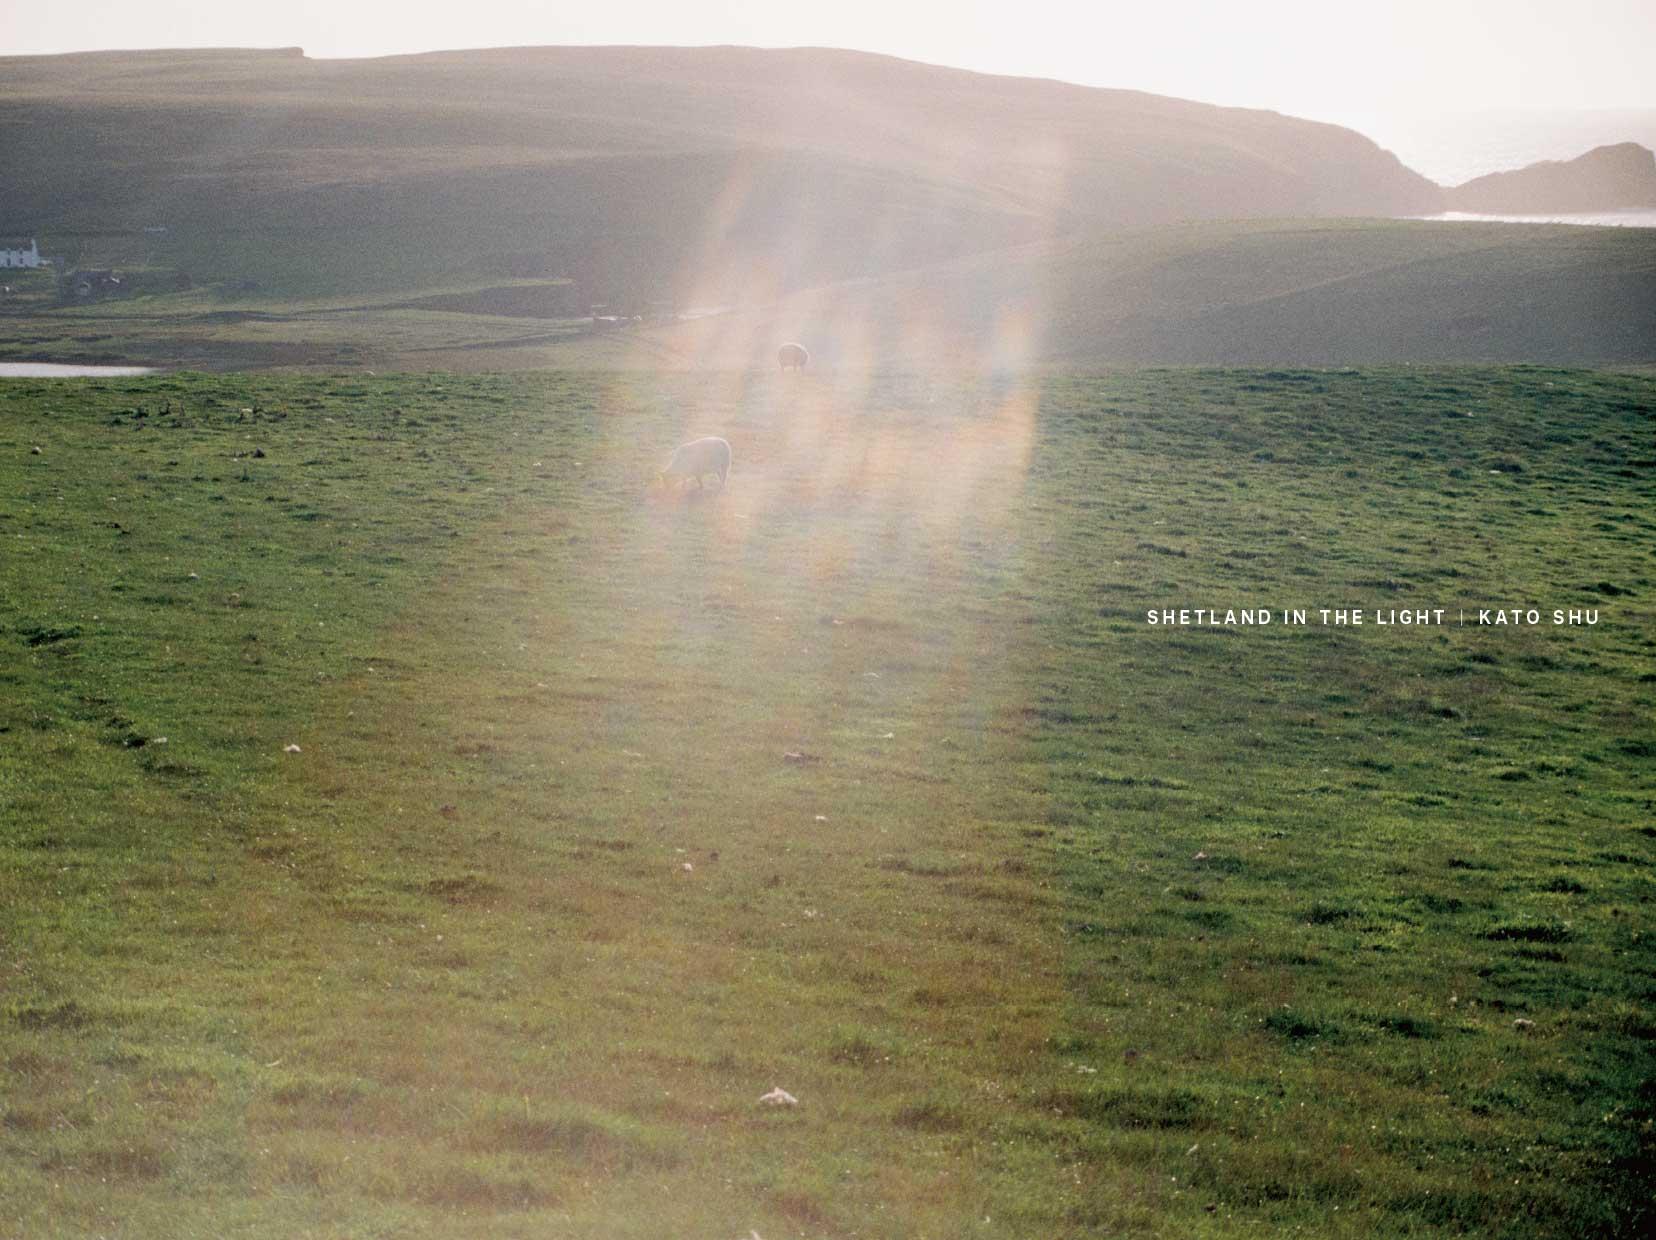 写真集『SHETLAND IN THE LIGHT』新刊書籍の発売が決定、先行販売の受付を開始いたしました